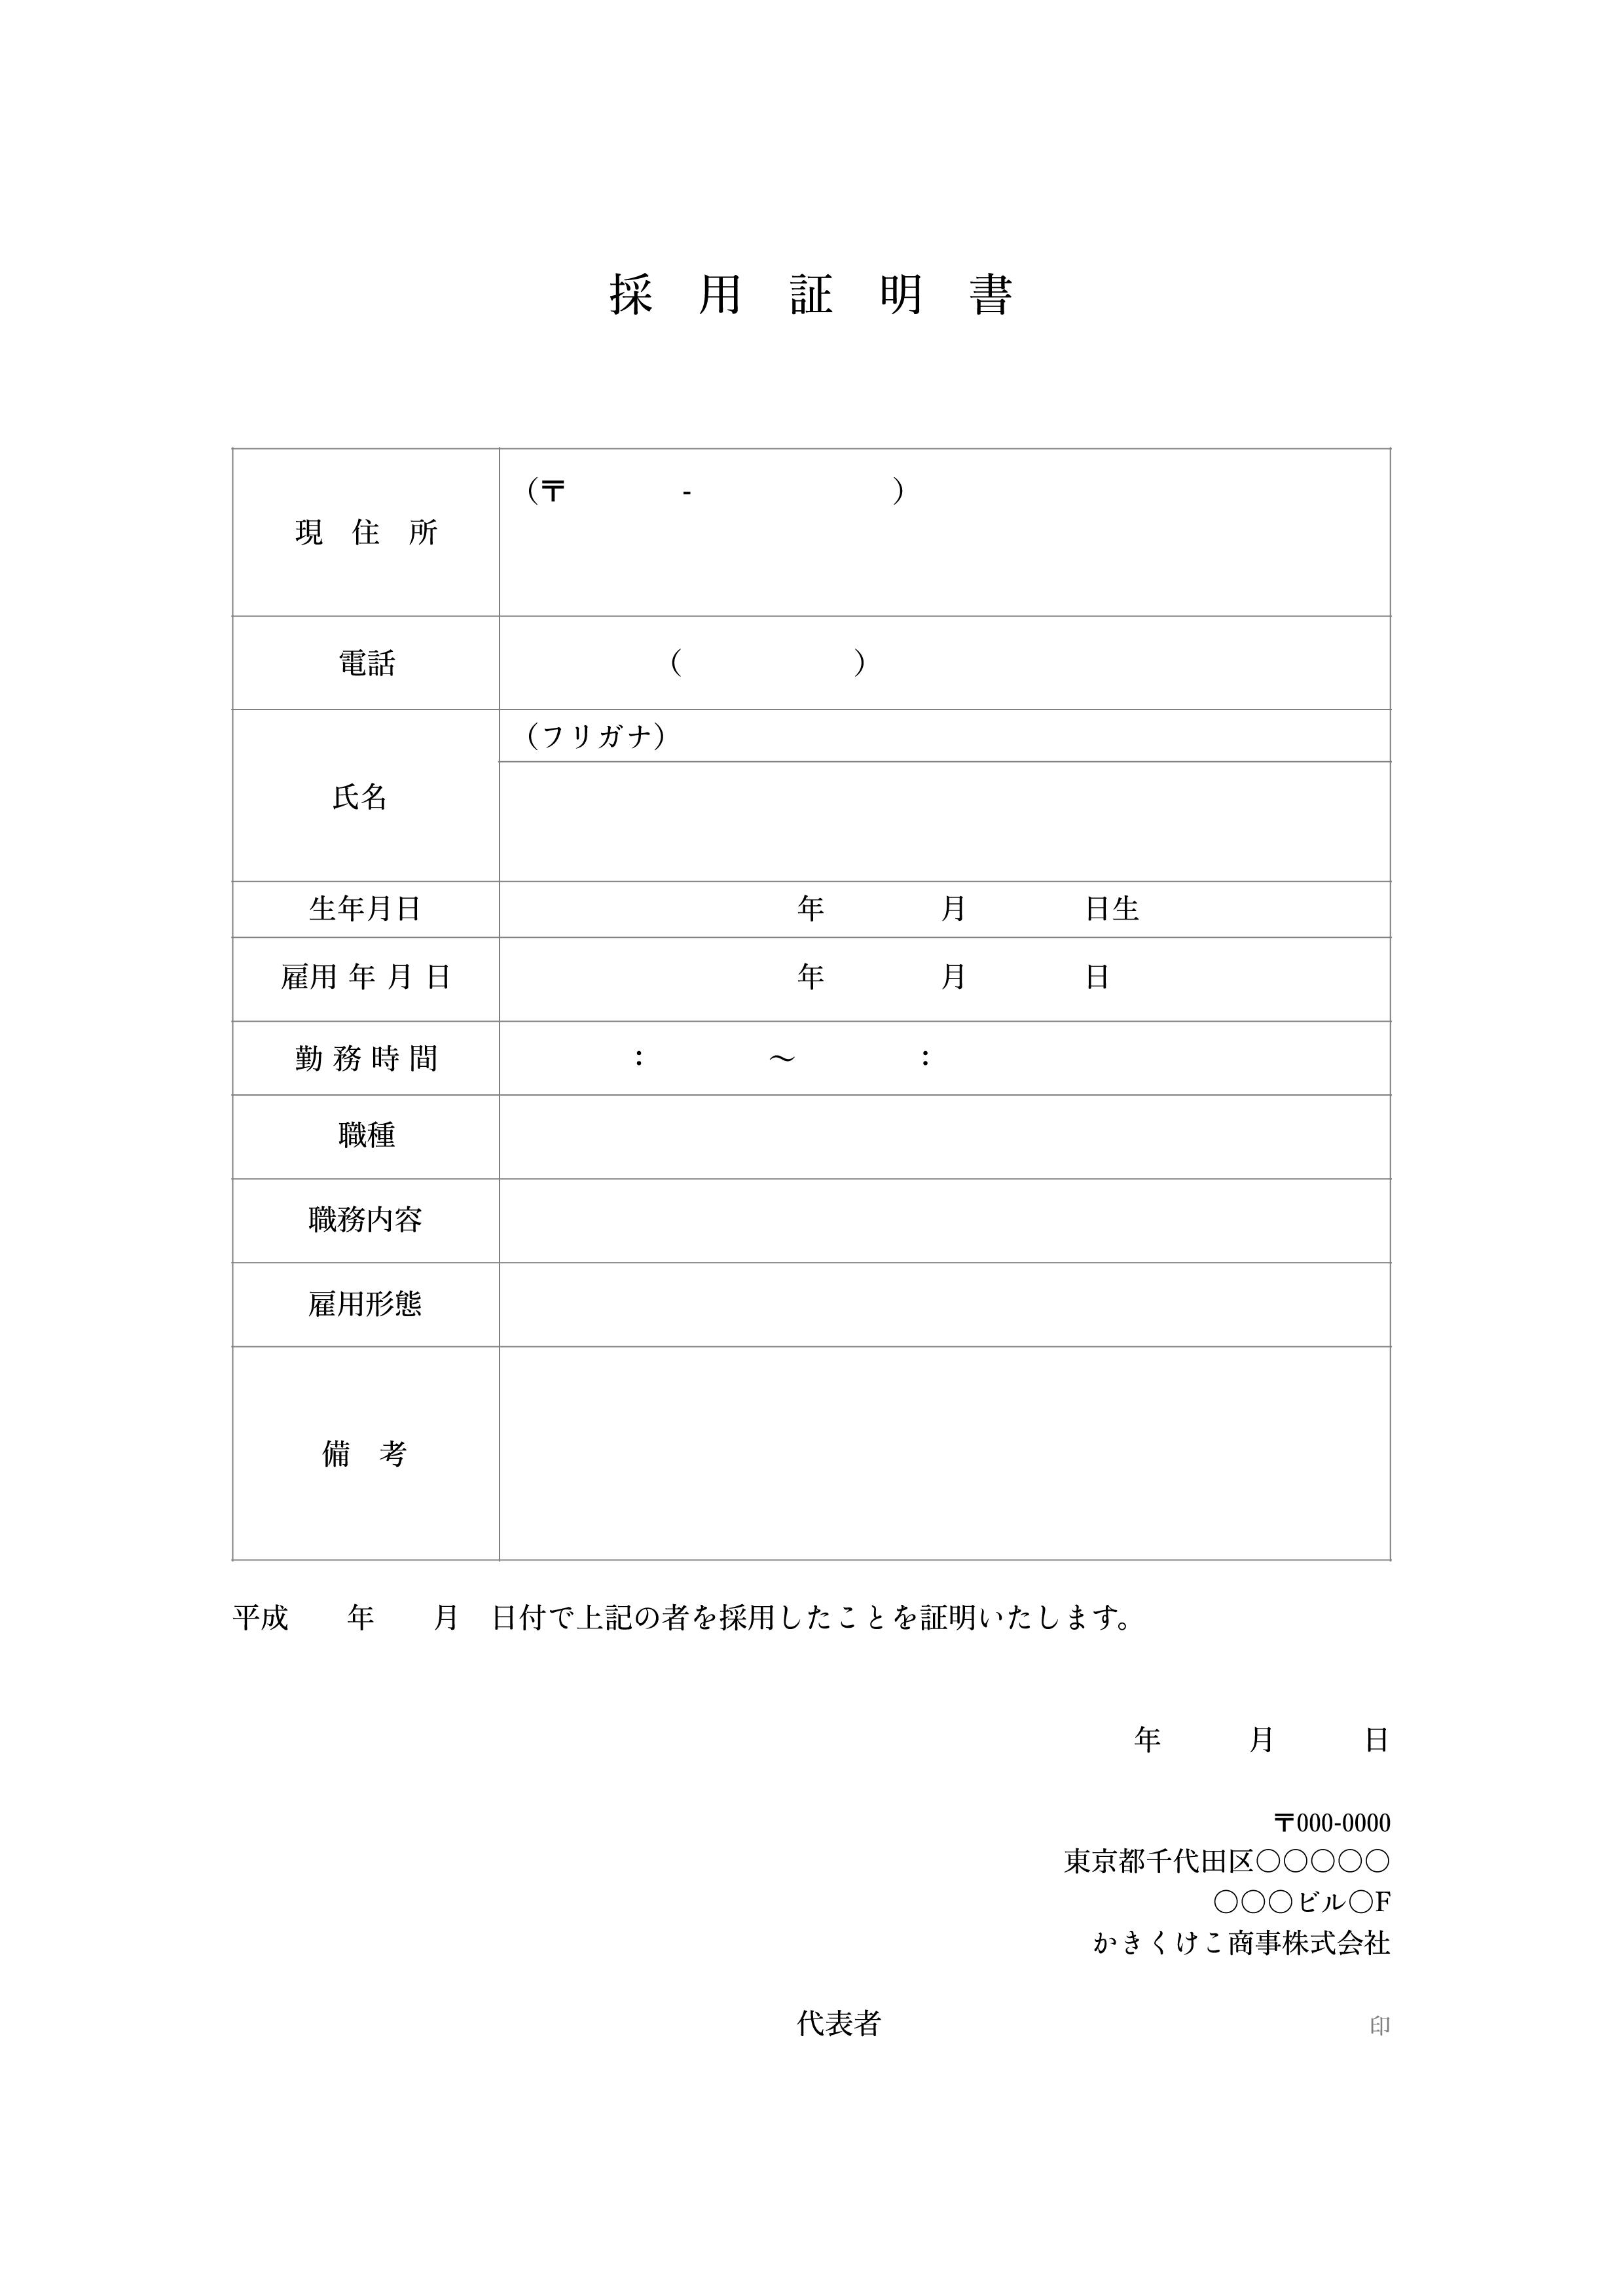 採用証明書テンプレート(ワード・ページズ)ベーシック